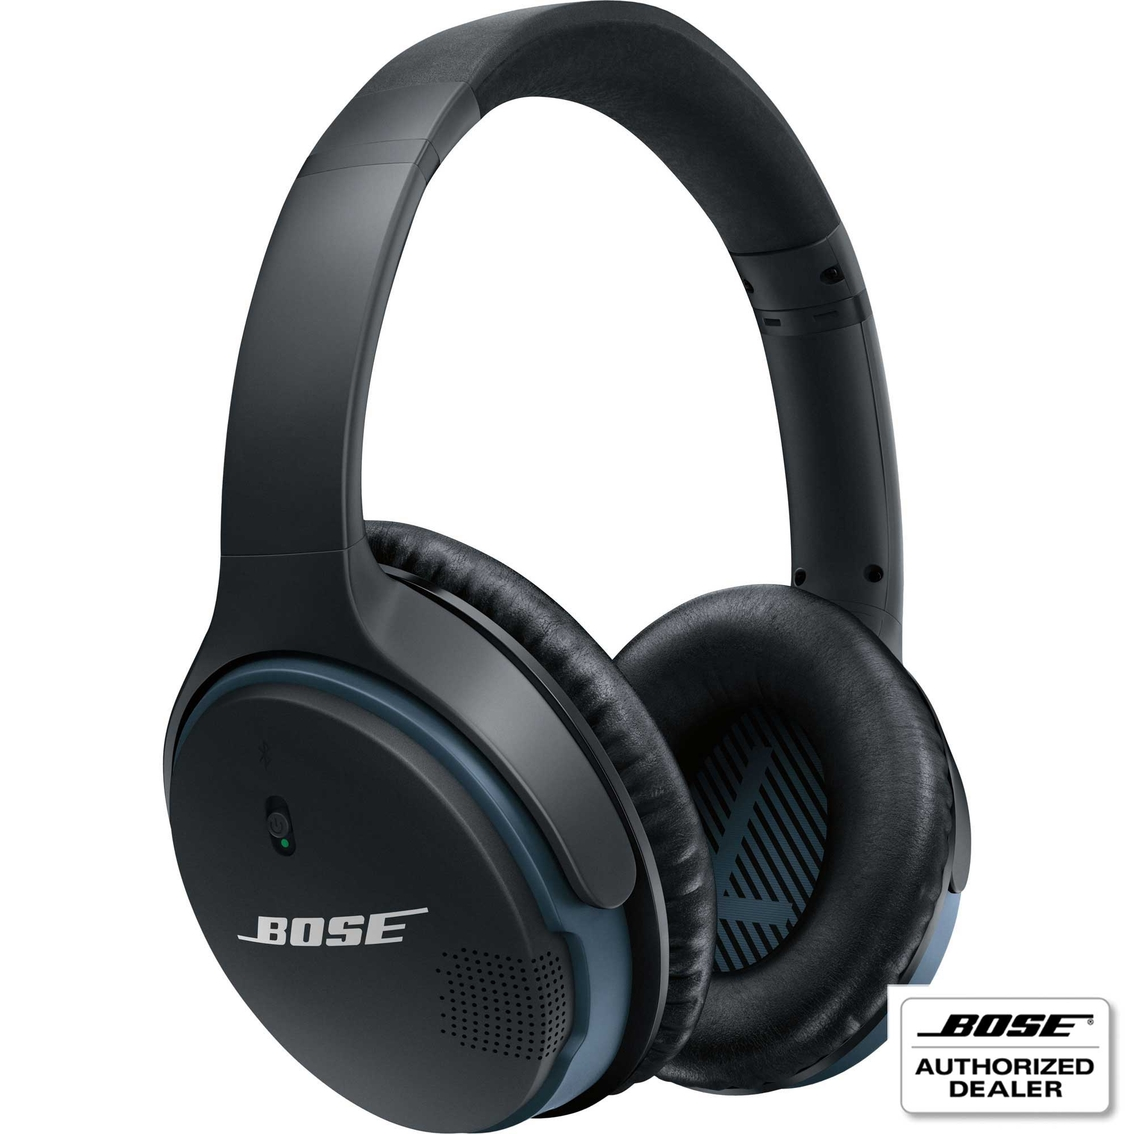 Bose Soundlink Around-ear Wireless Headphones Ii | Headphones & Microphones  | Home Office & School | Shop The Exchange